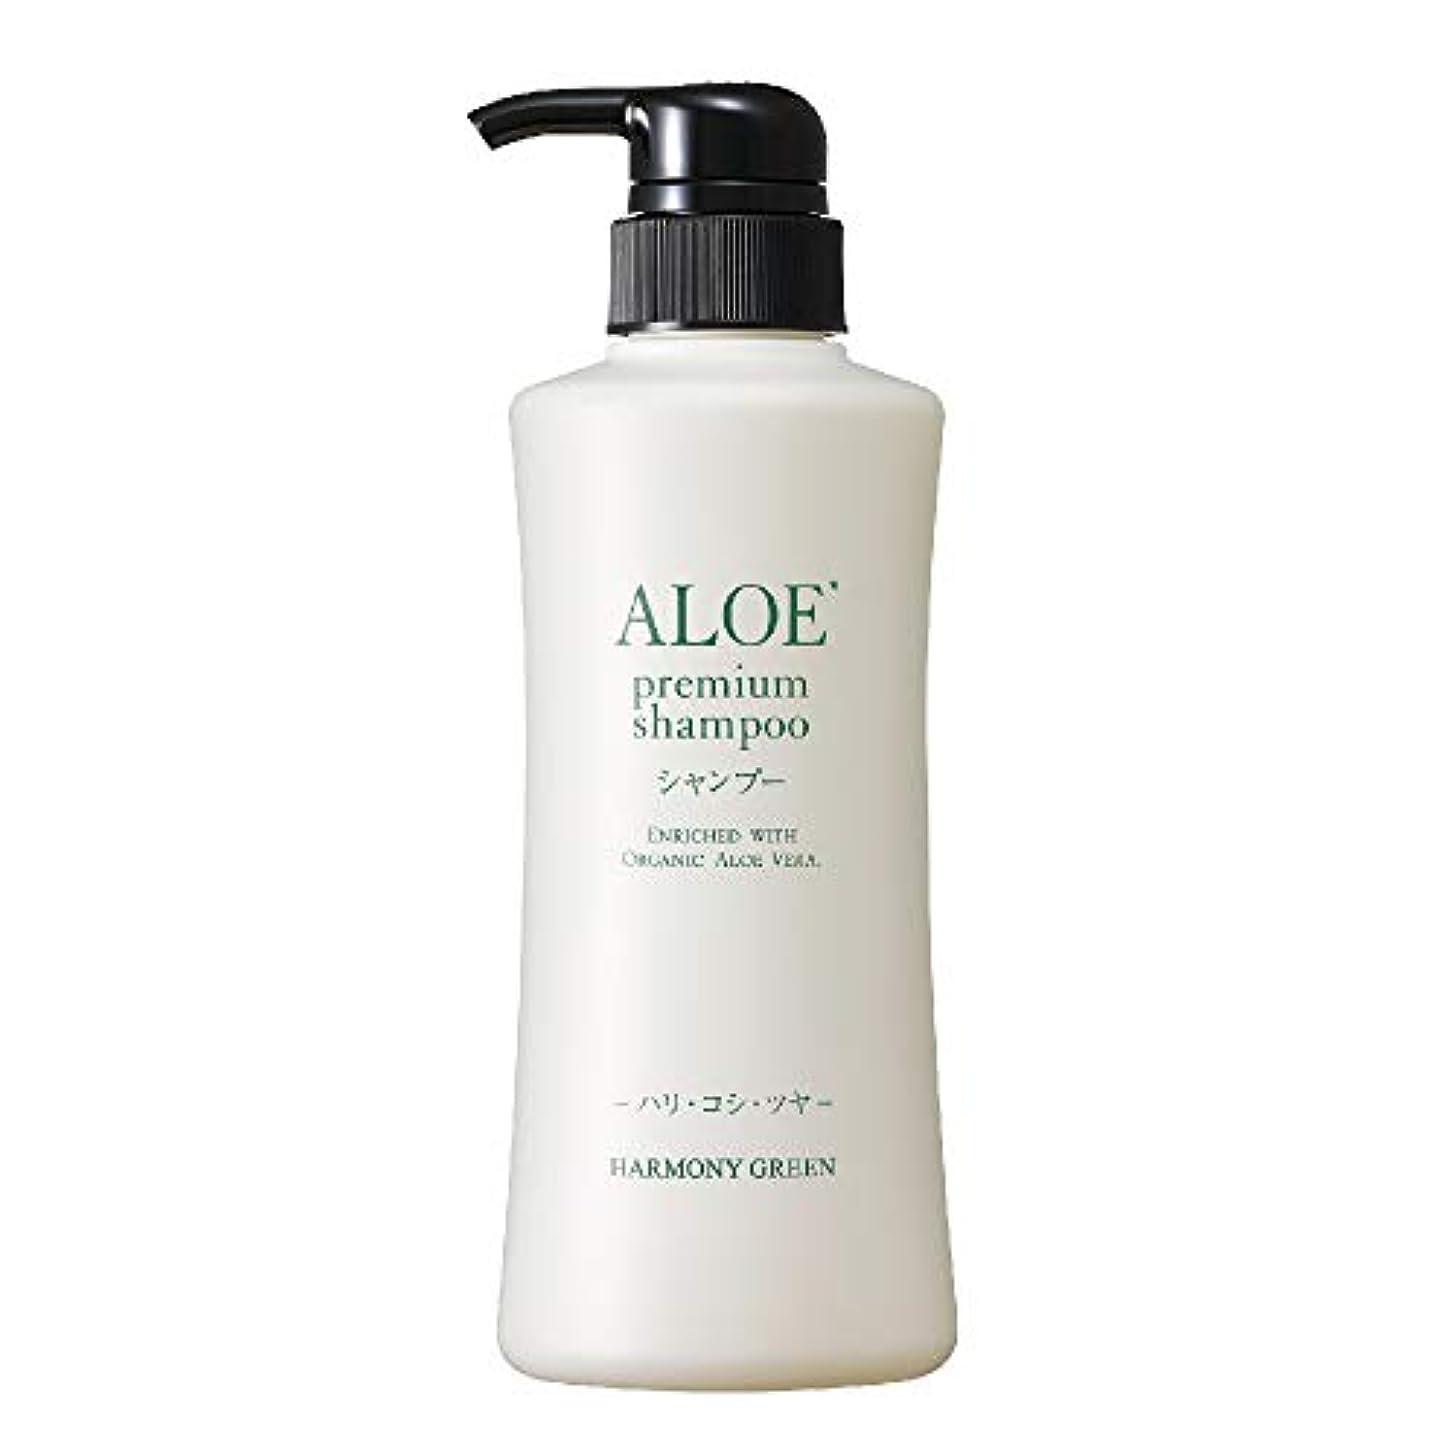 ものサスティーンロッジアロエプレミアム シャンプー〈頭髪用洗浄料〉